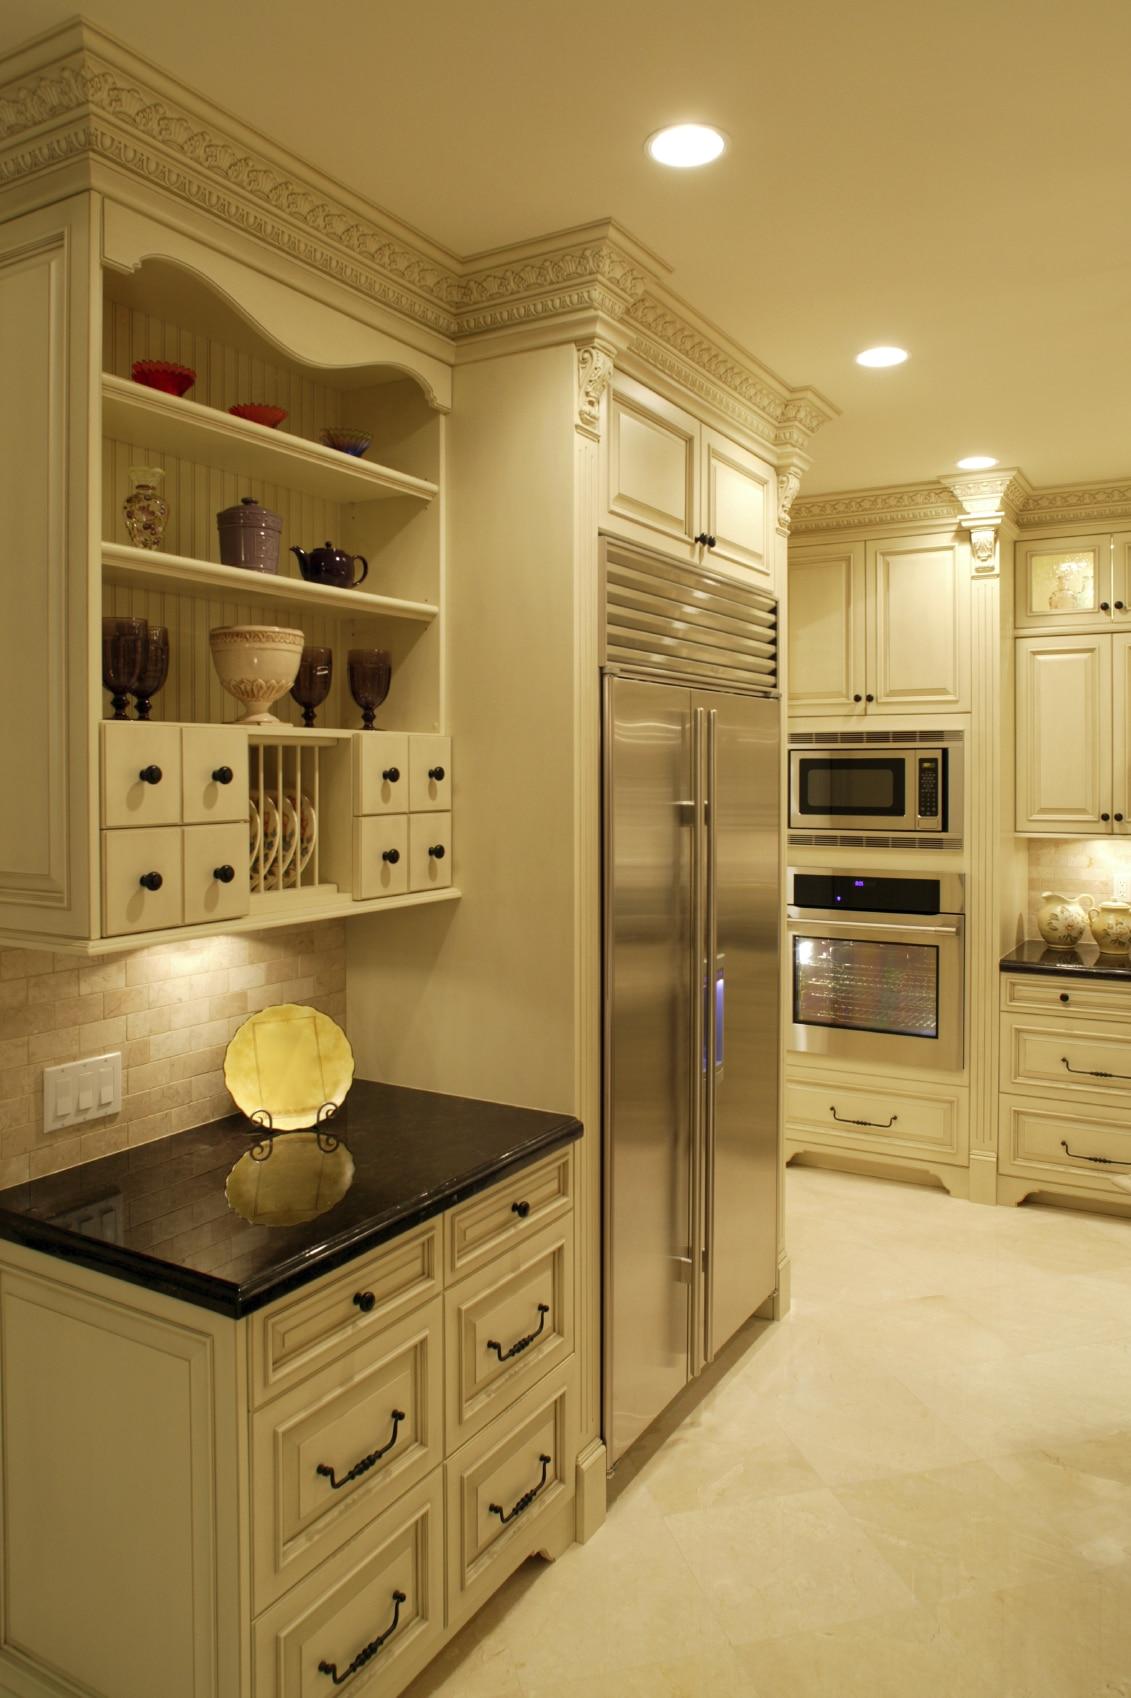 cuisine blanche de luxe avec des id es int ressantes pour la conception de la chambre. Black Bedroom Furniture Sets. Home Design Ideas